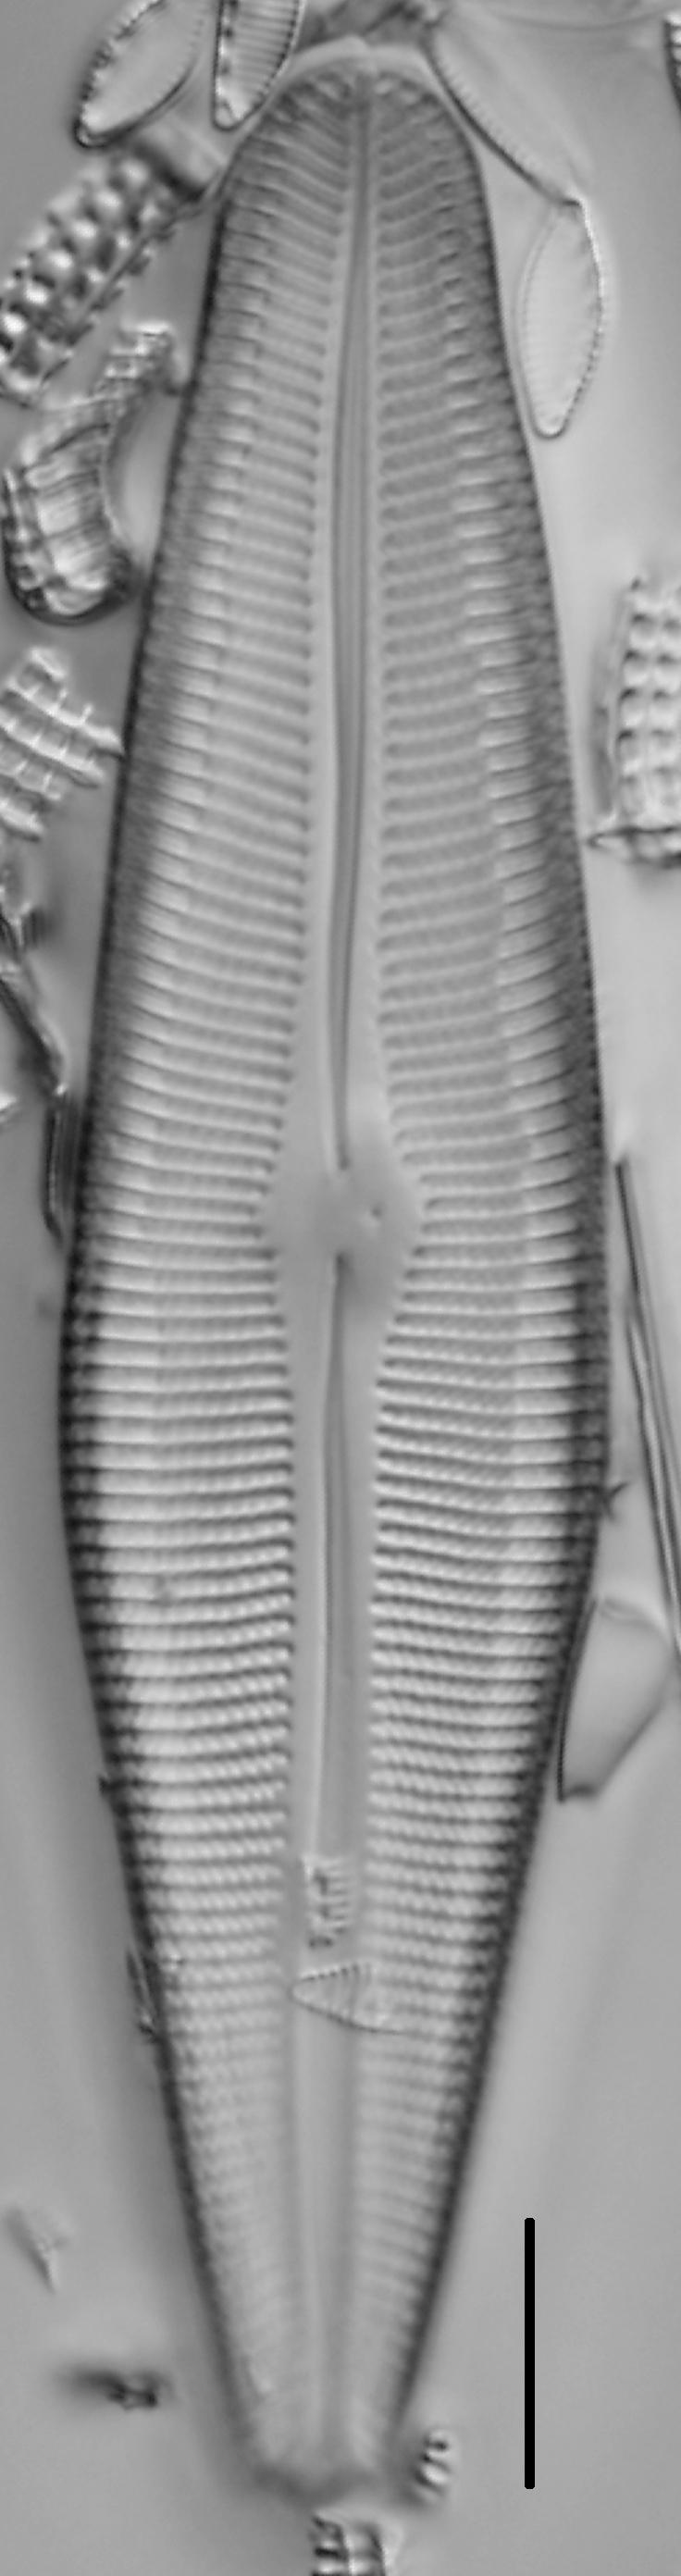 Gomphoneis herculeana var. lowei LM1